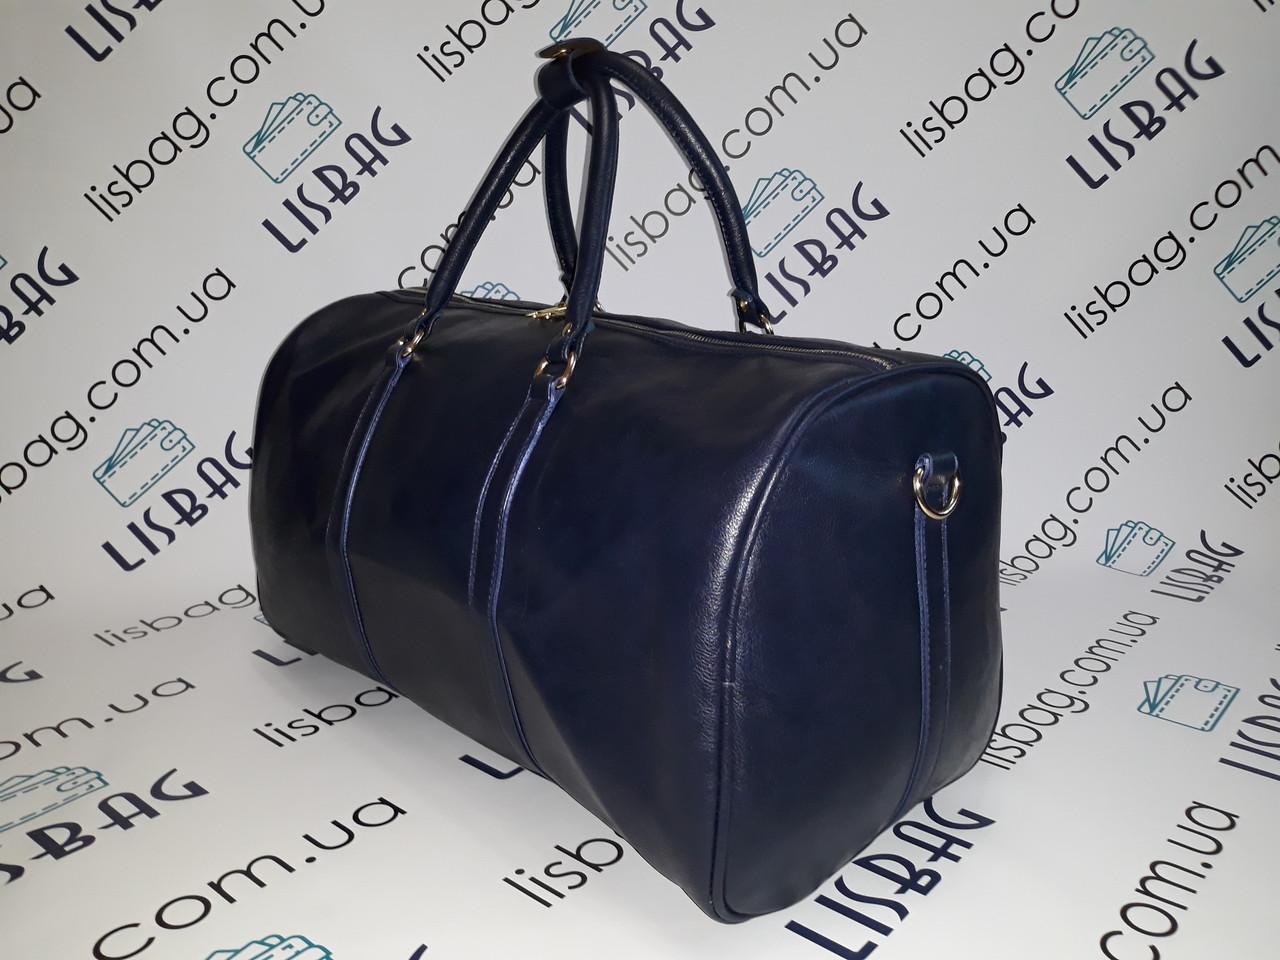 38c05b546ec7 Дорожная вместительная сумка Синяя кожа PU толстая (54*31*29), ...